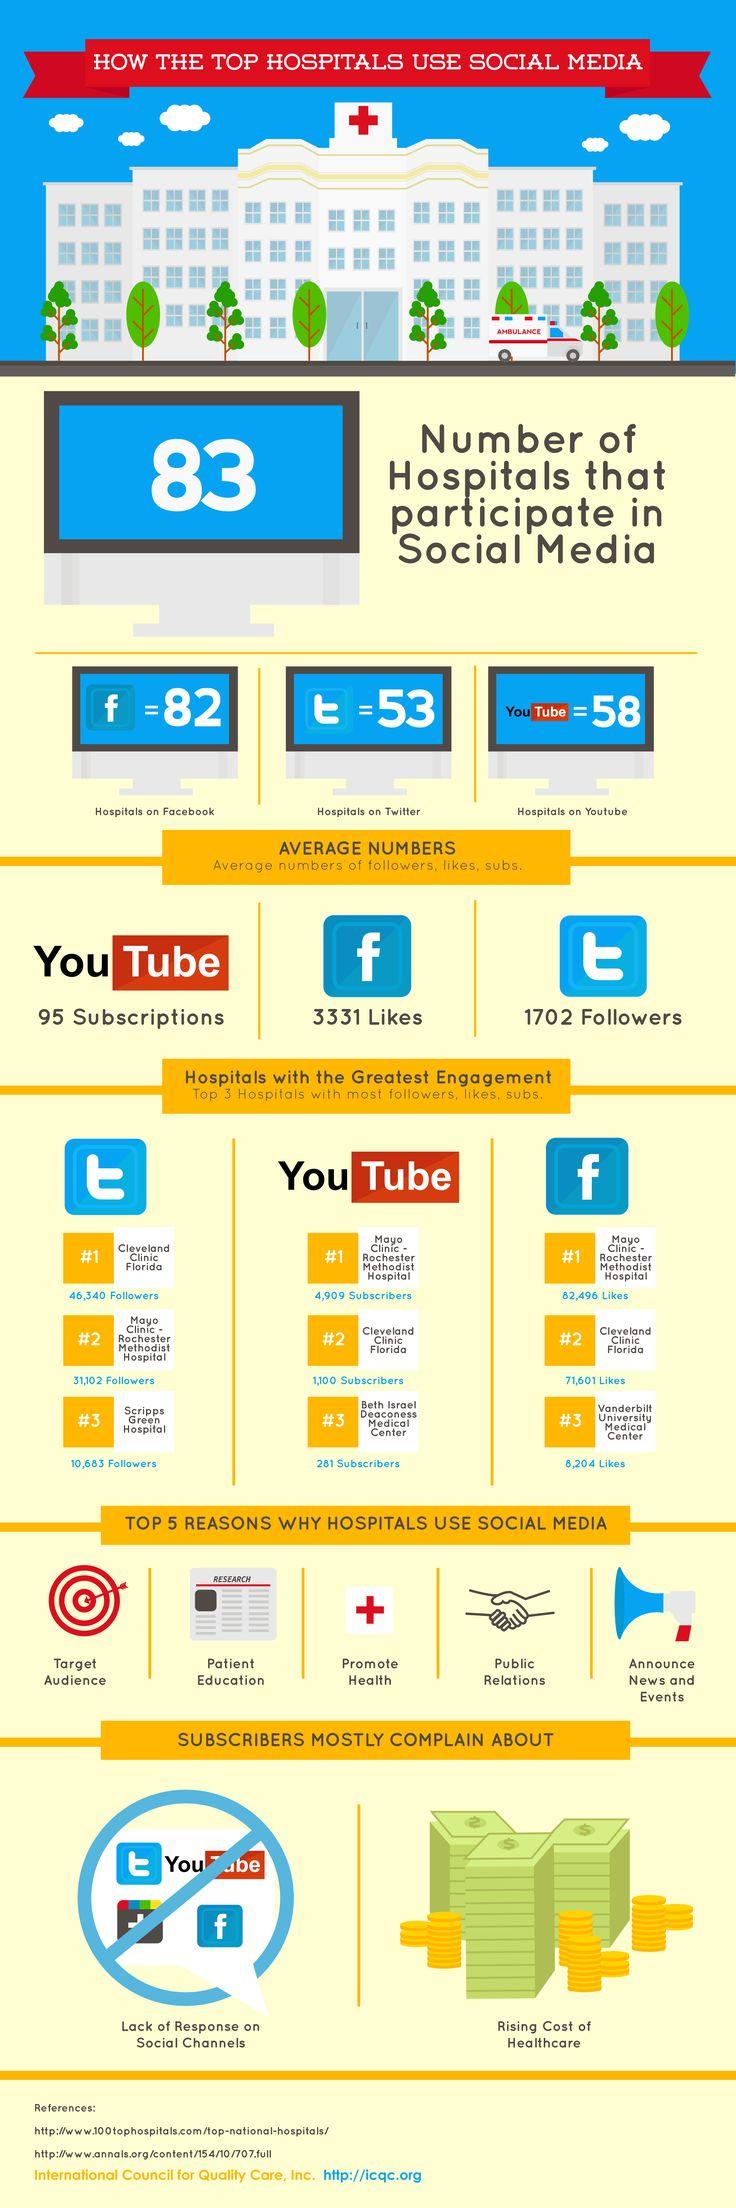 Top 100 Hospitals and Social Media